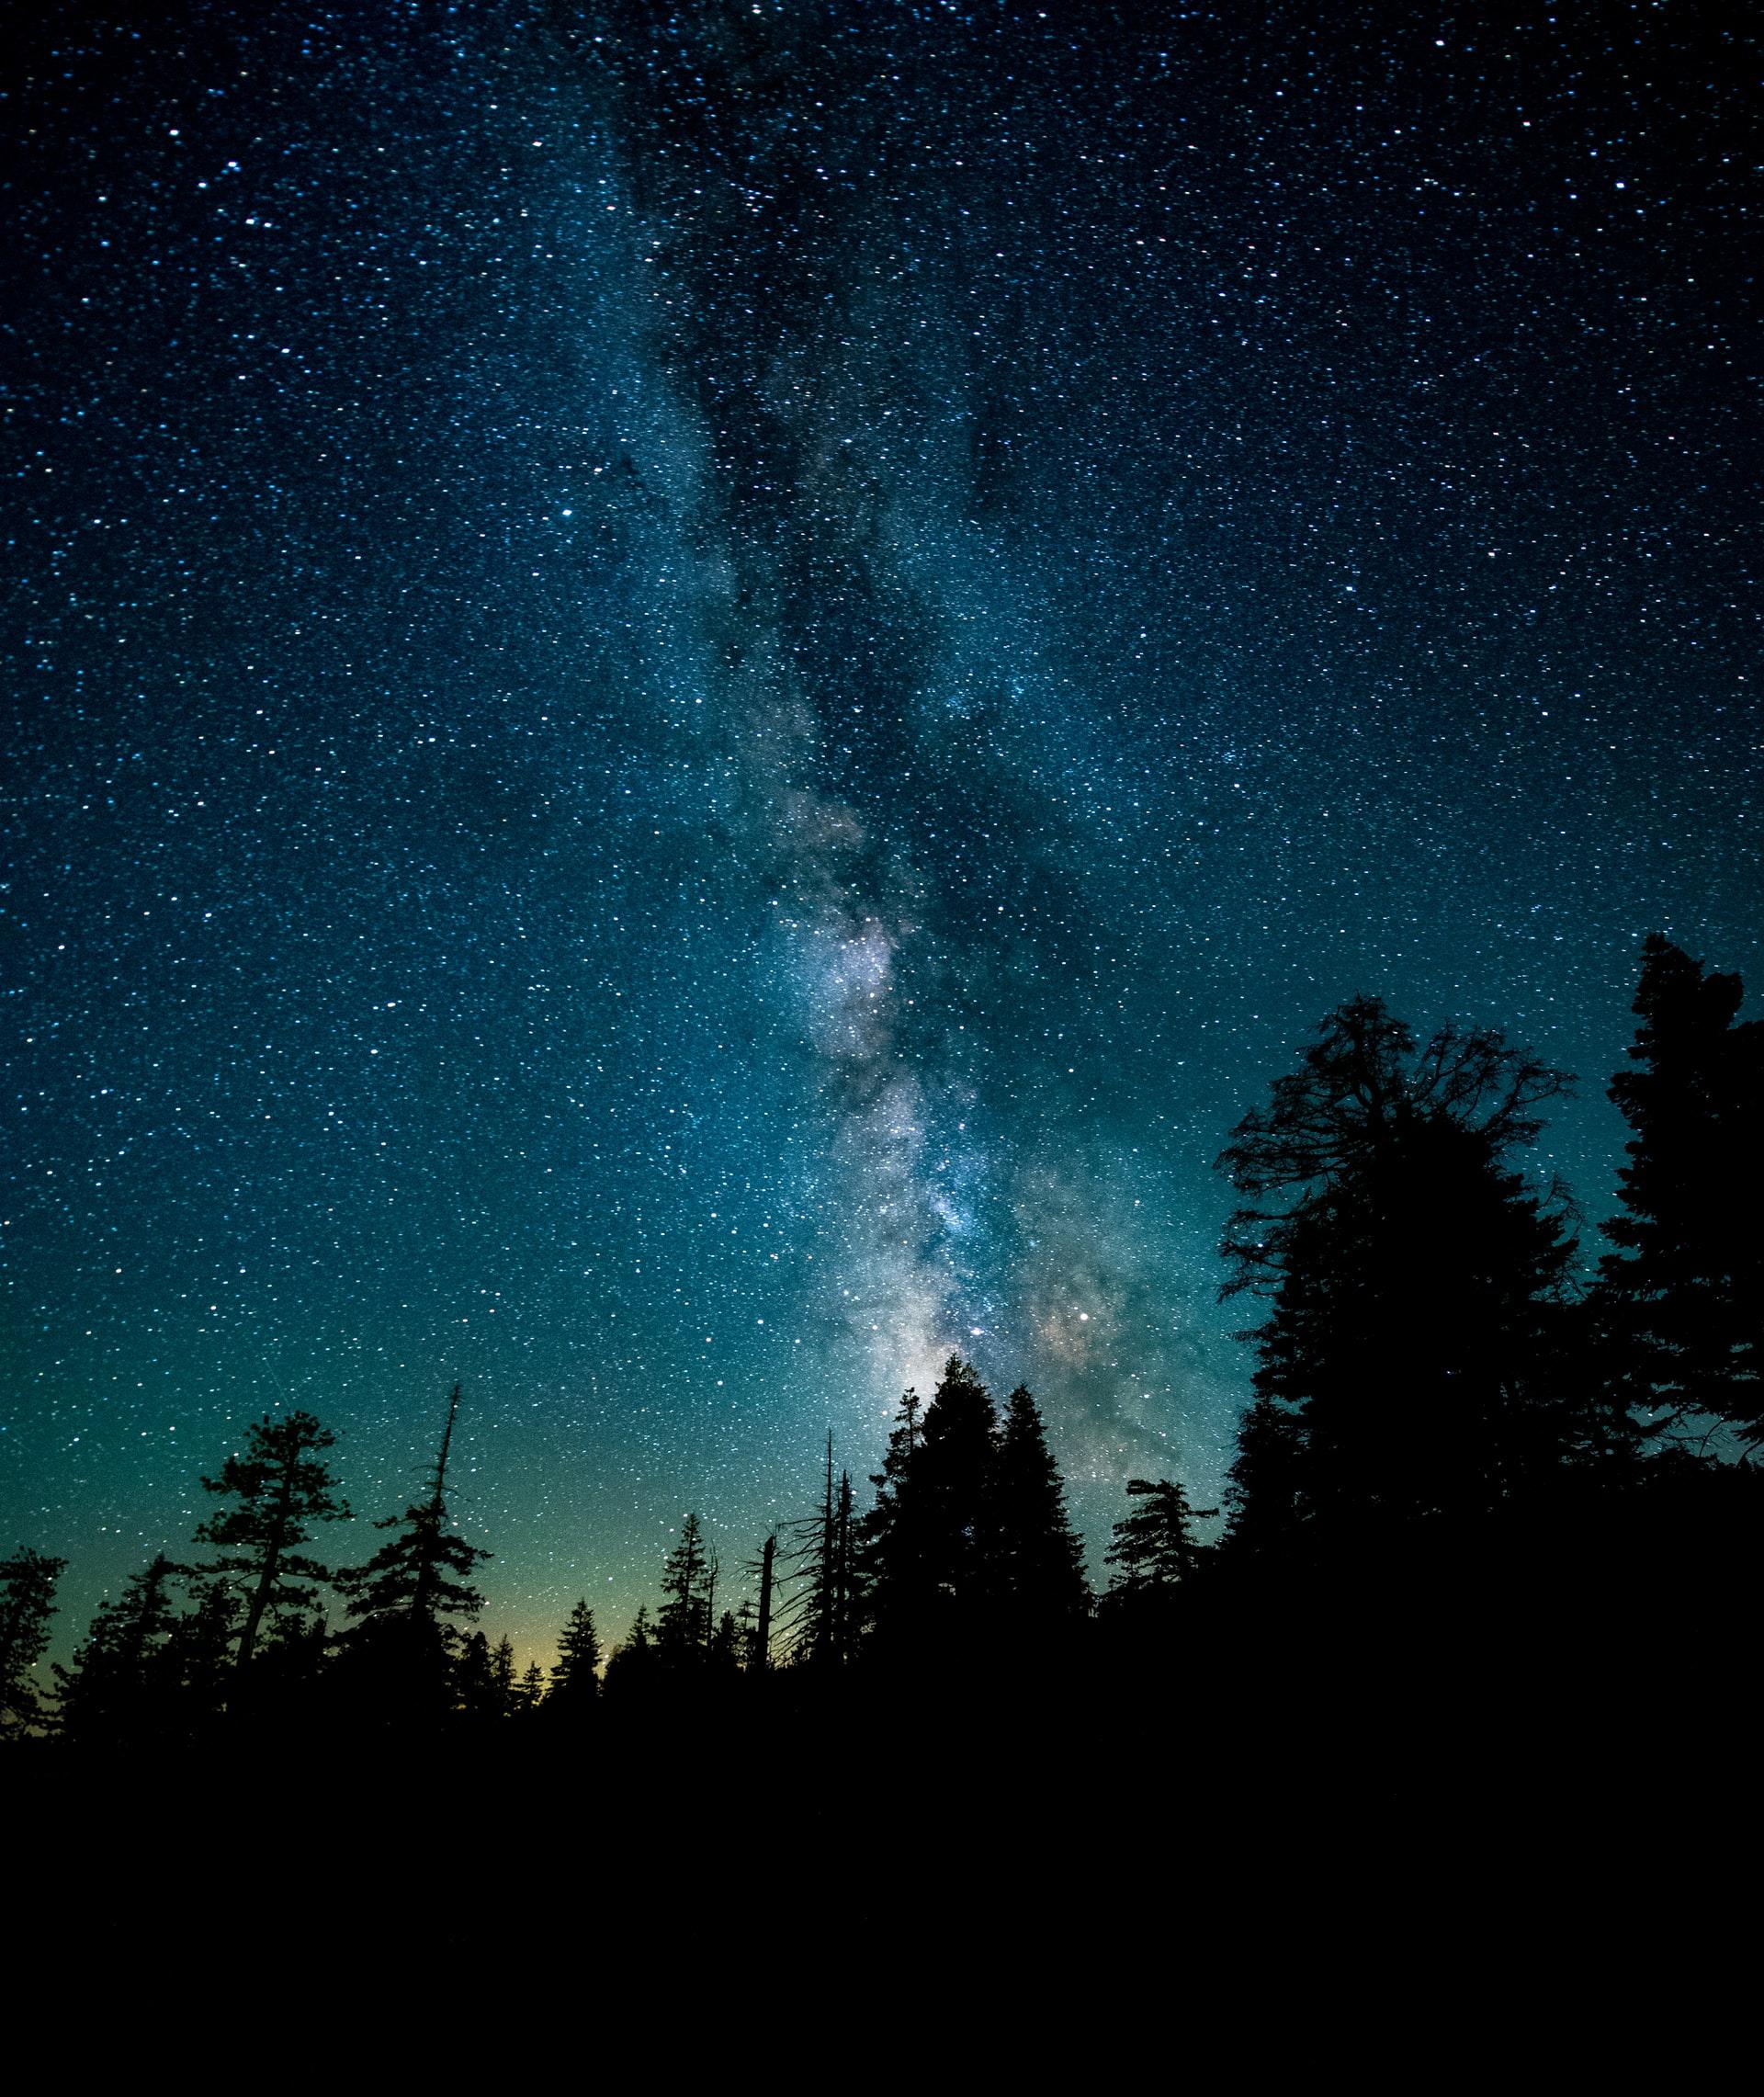 space-sky-tree